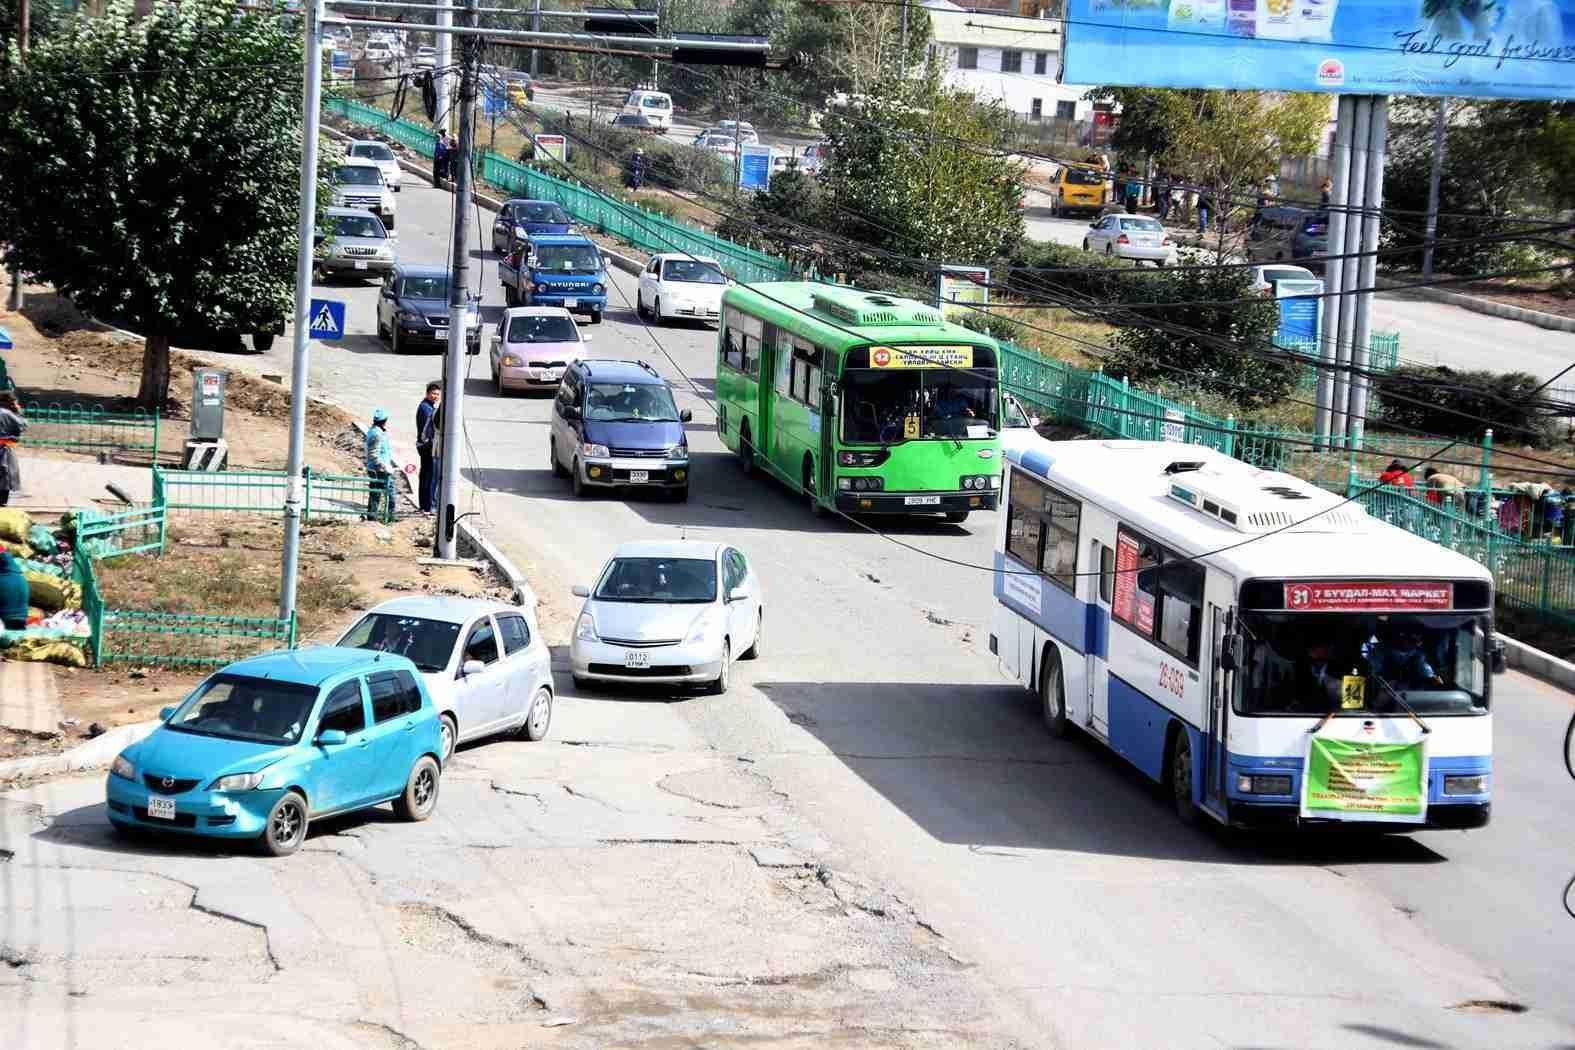 Үндэсний их баяр наадмаар үйлчлэх автобус болон рейлбусын чиглэлүүд